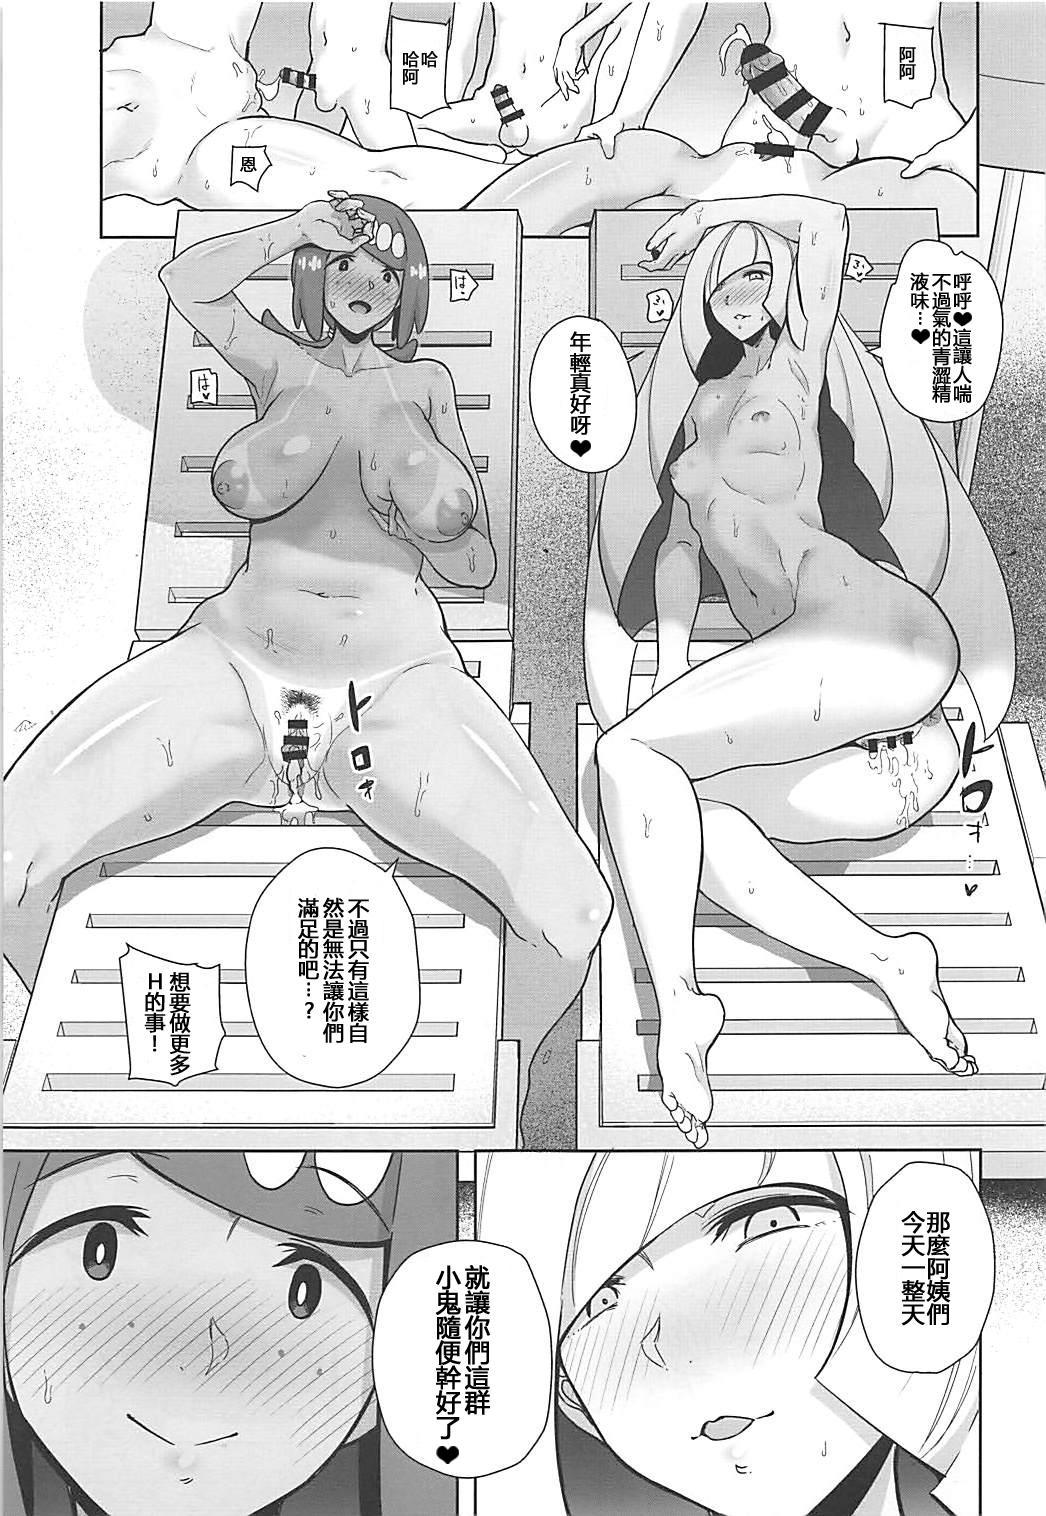 Alola no Yoru no Sugata 3 19